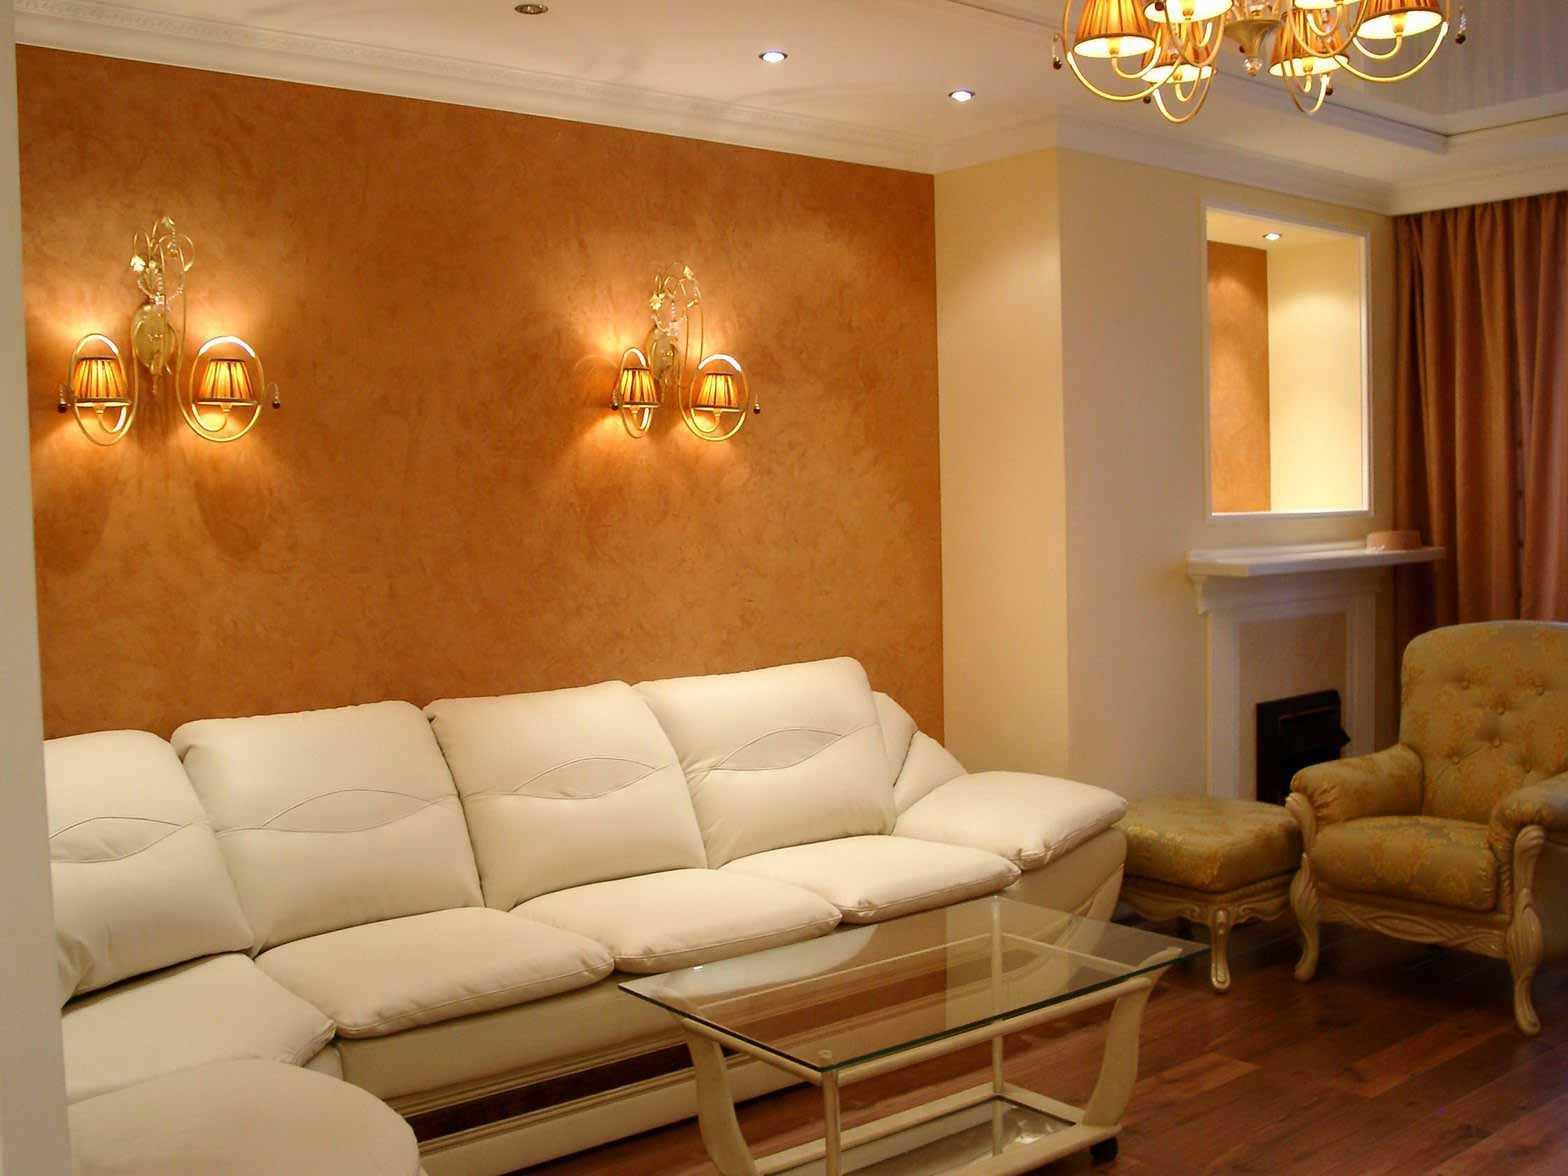 Как лучше применить декоративную штукатурку в интерьере разных комнат?